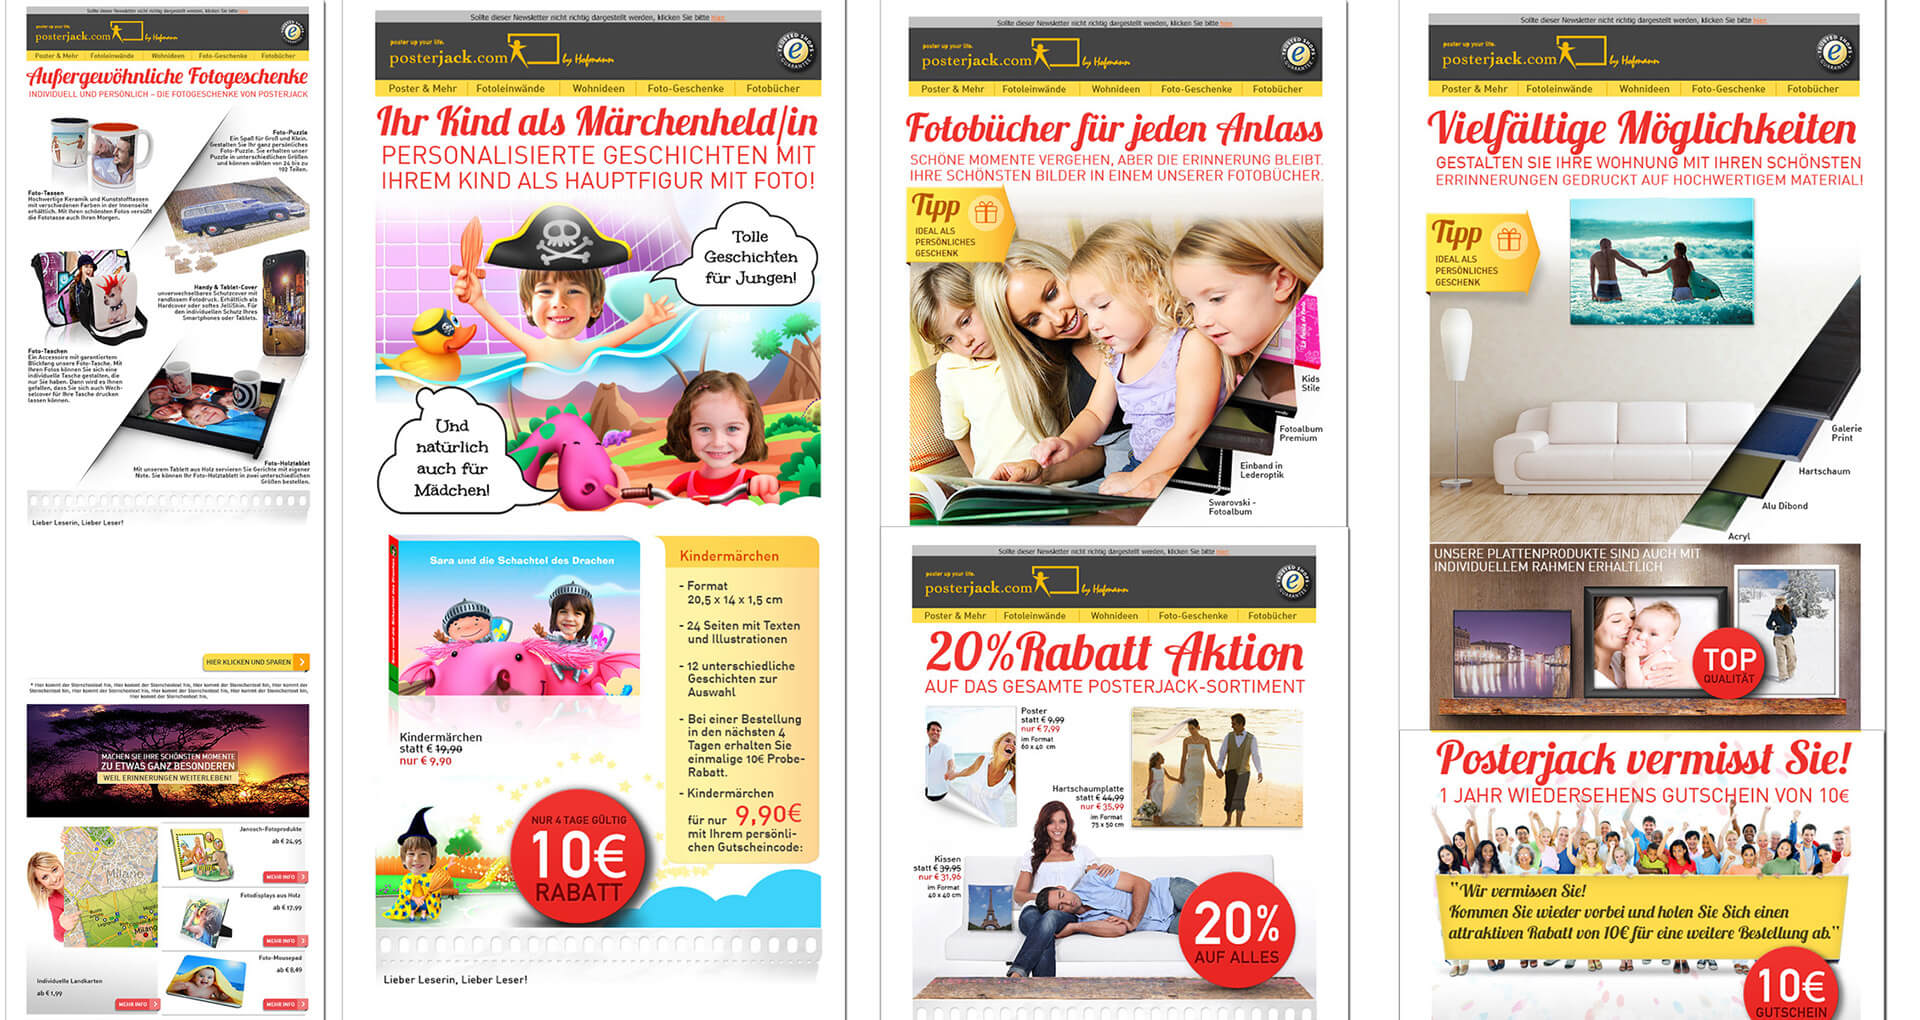 webdesign responsive seo sem online marketing wordpress html5 css newsletter banner 16